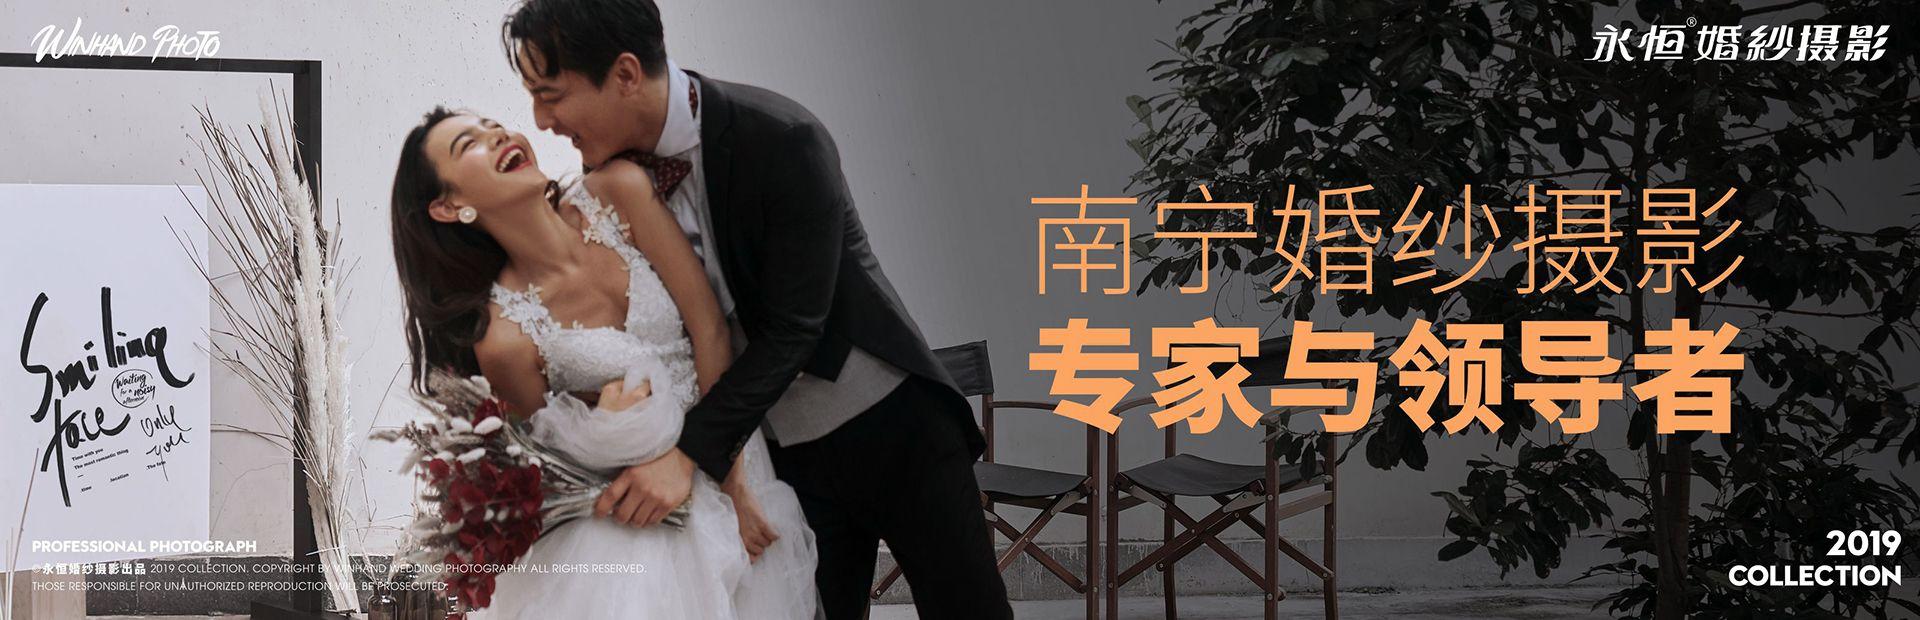 永恒婚纱摄影-南宁婚纱摄影专家与领导者